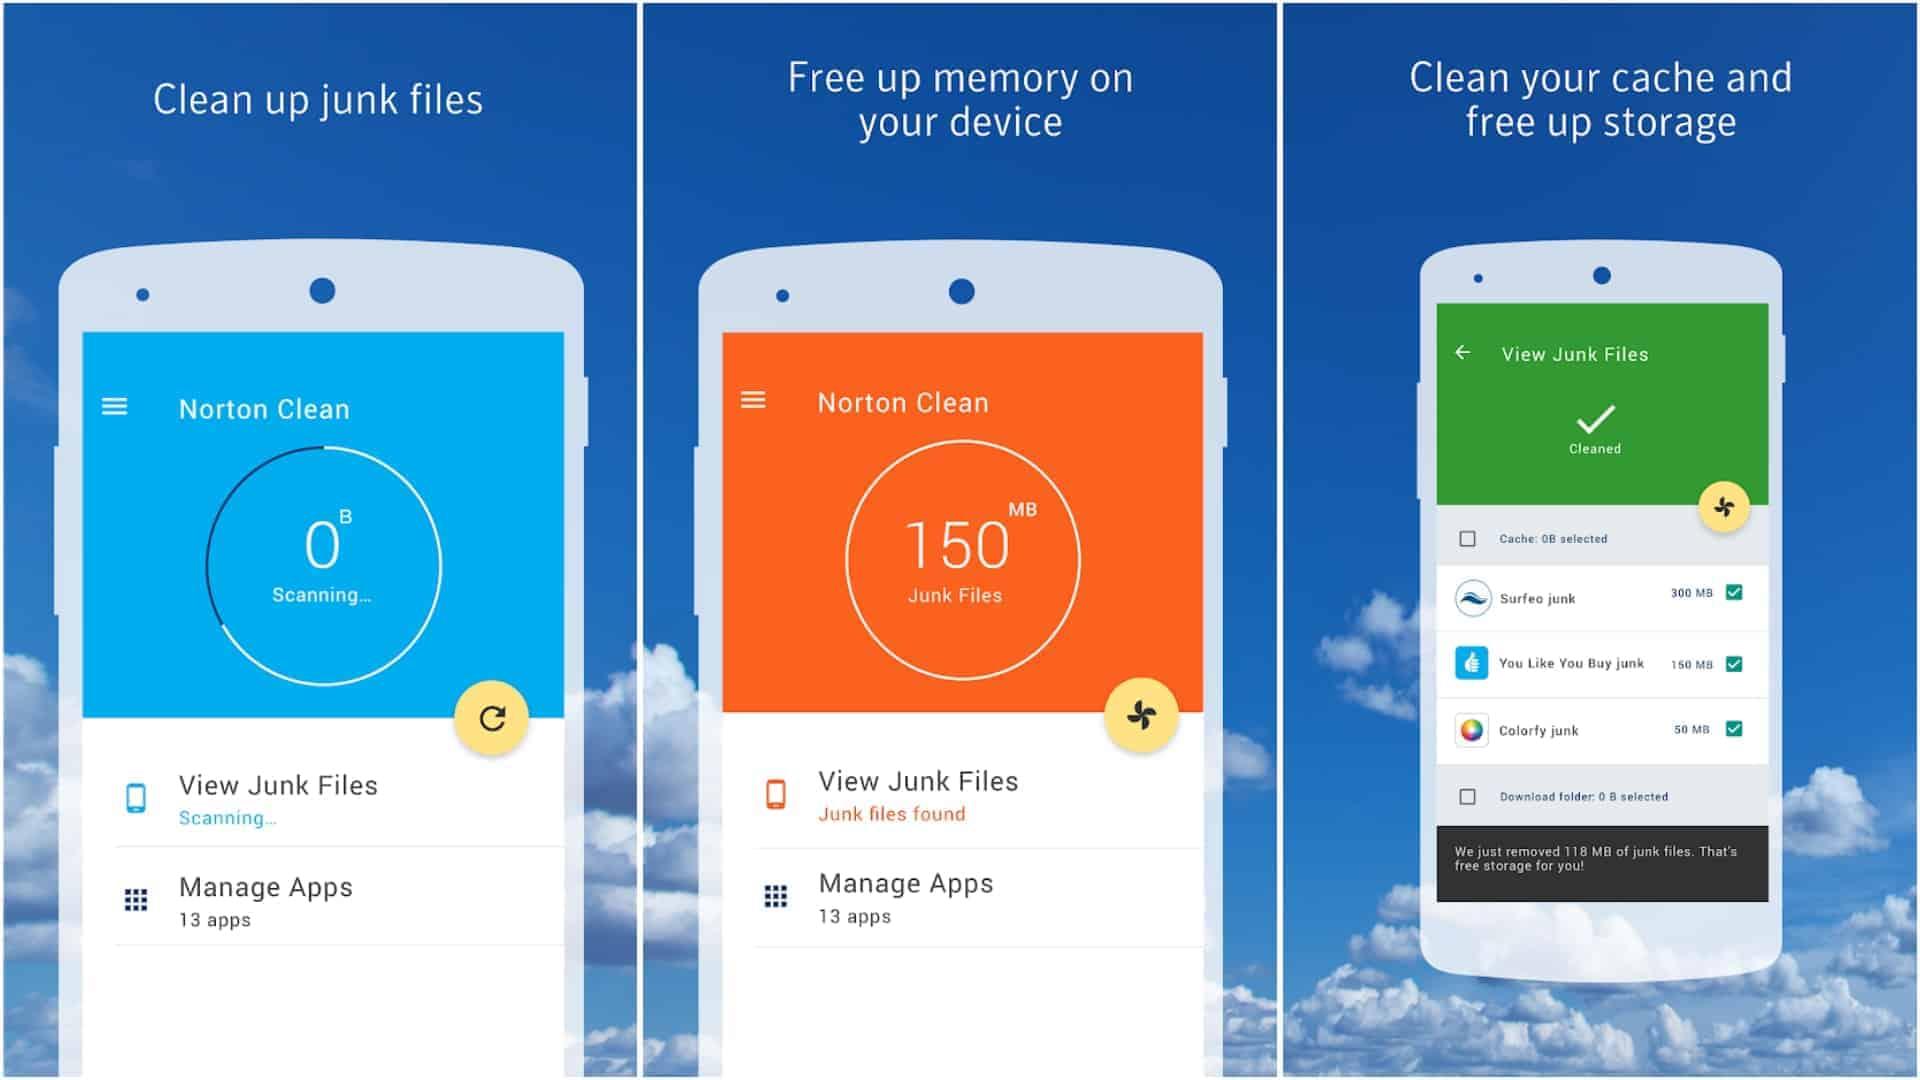 Norton Clean app image May 2020